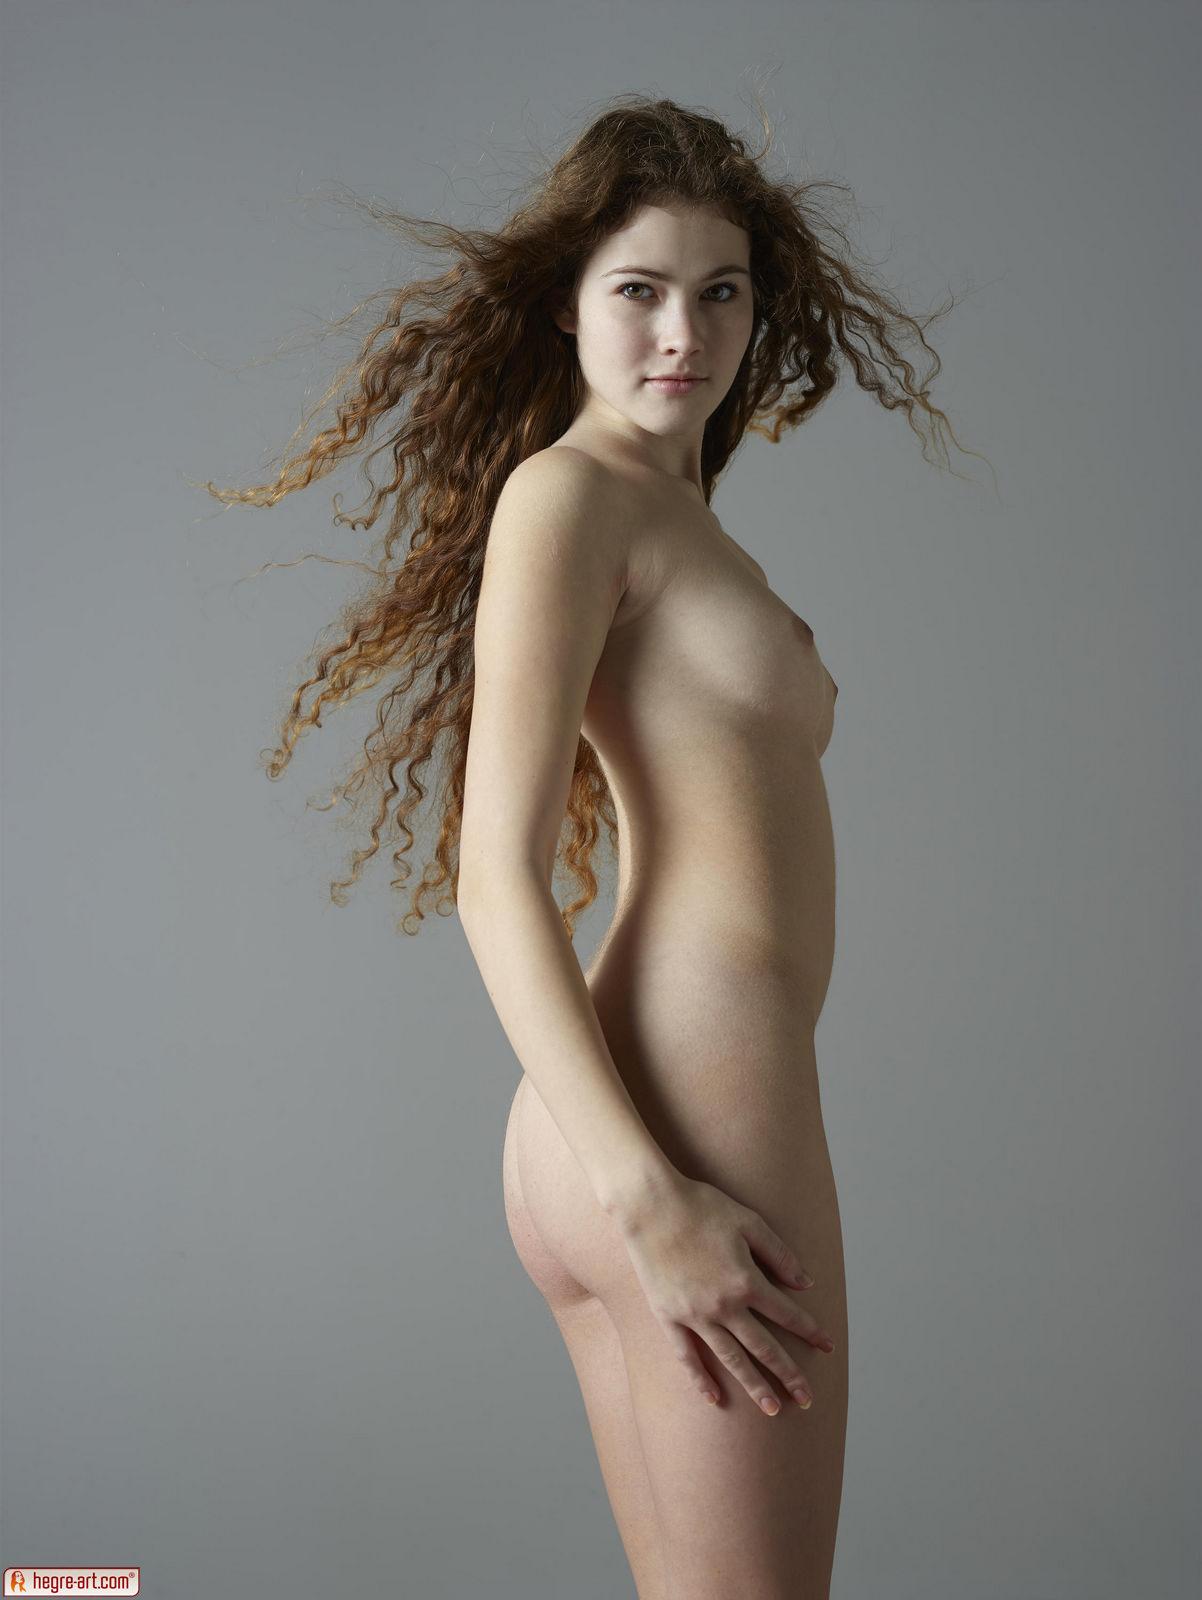 Zdjęcie porno - 131 - Naga dziewczyna